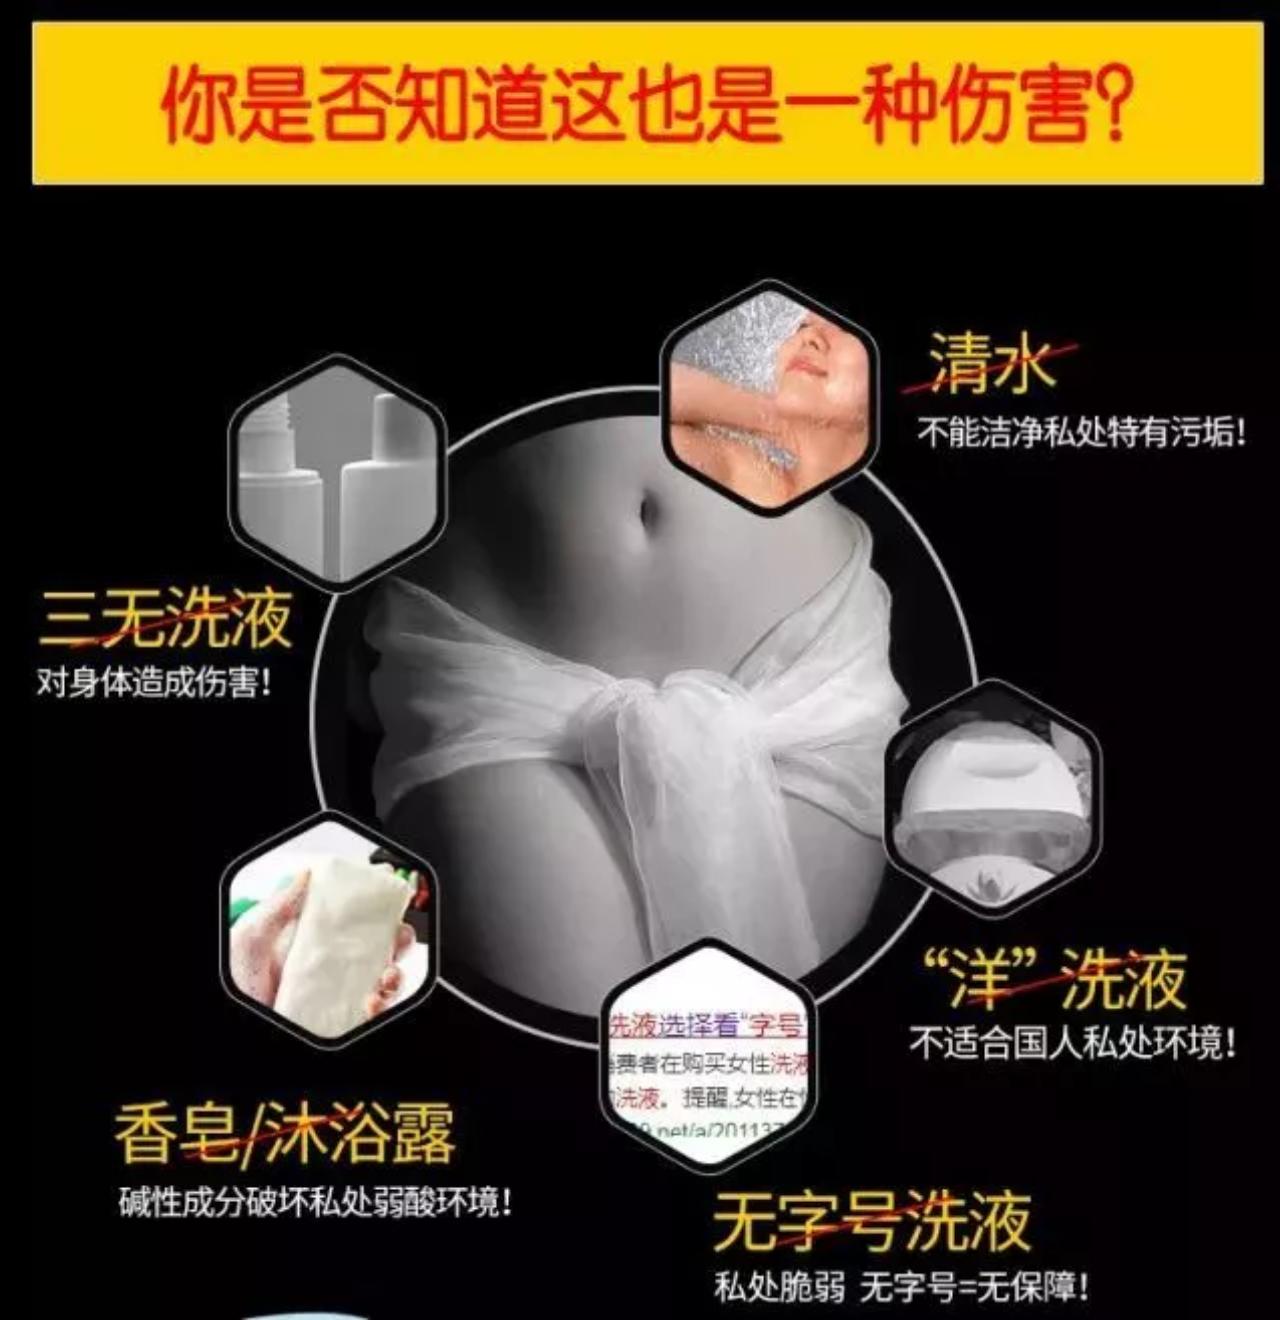 洗洗更健康?中國女人還要被騙多久 漲姿勢 熱圖8